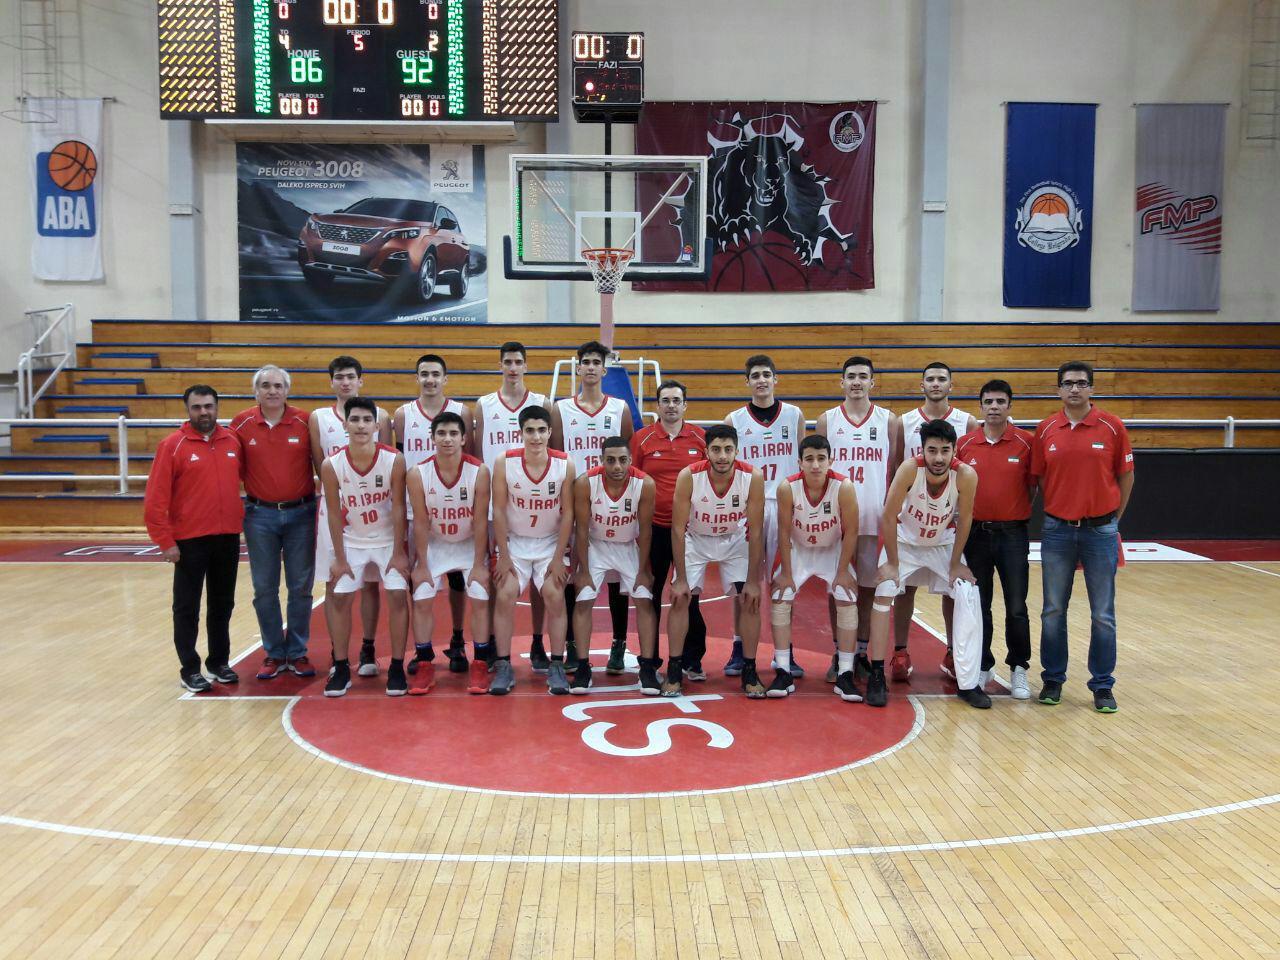 شکست تیم ملی نوجوانان بسکتبال ایران برابر تیم صربستان